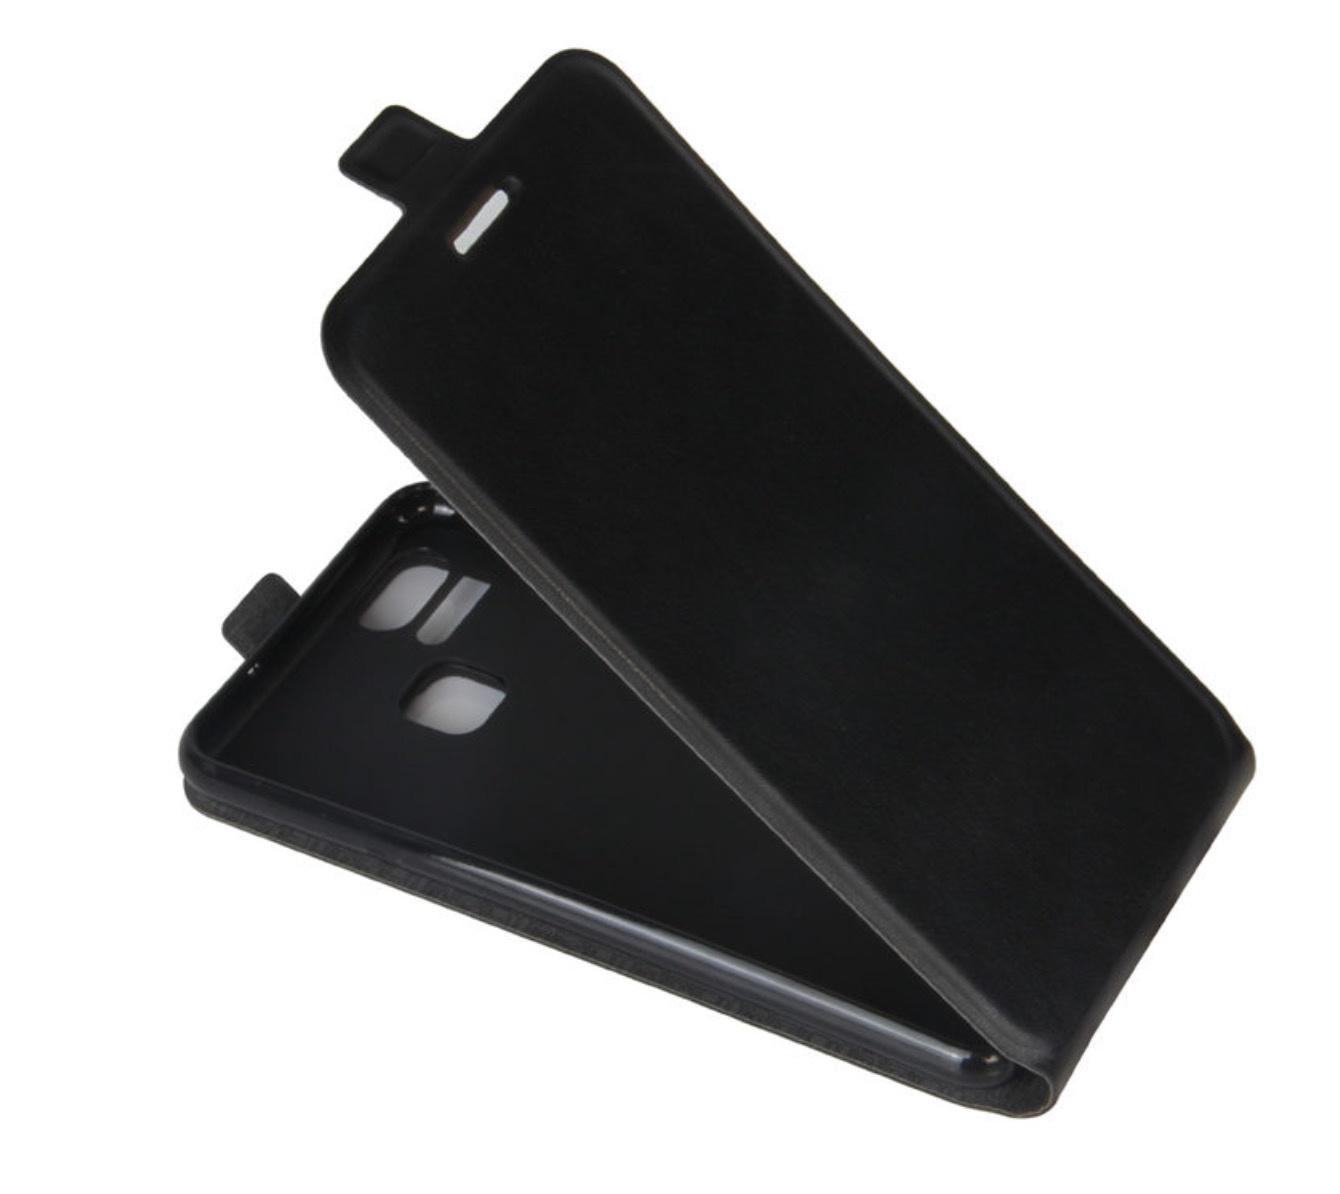 Чехол-флип MyPads для Asus ZenFone 3 Zoom ZE553KL 5.5 вертикальный откидной черный аксессуар защитное стекло для asus zenfone 3 zoom ze553kl luxcase 0 33mm 82292